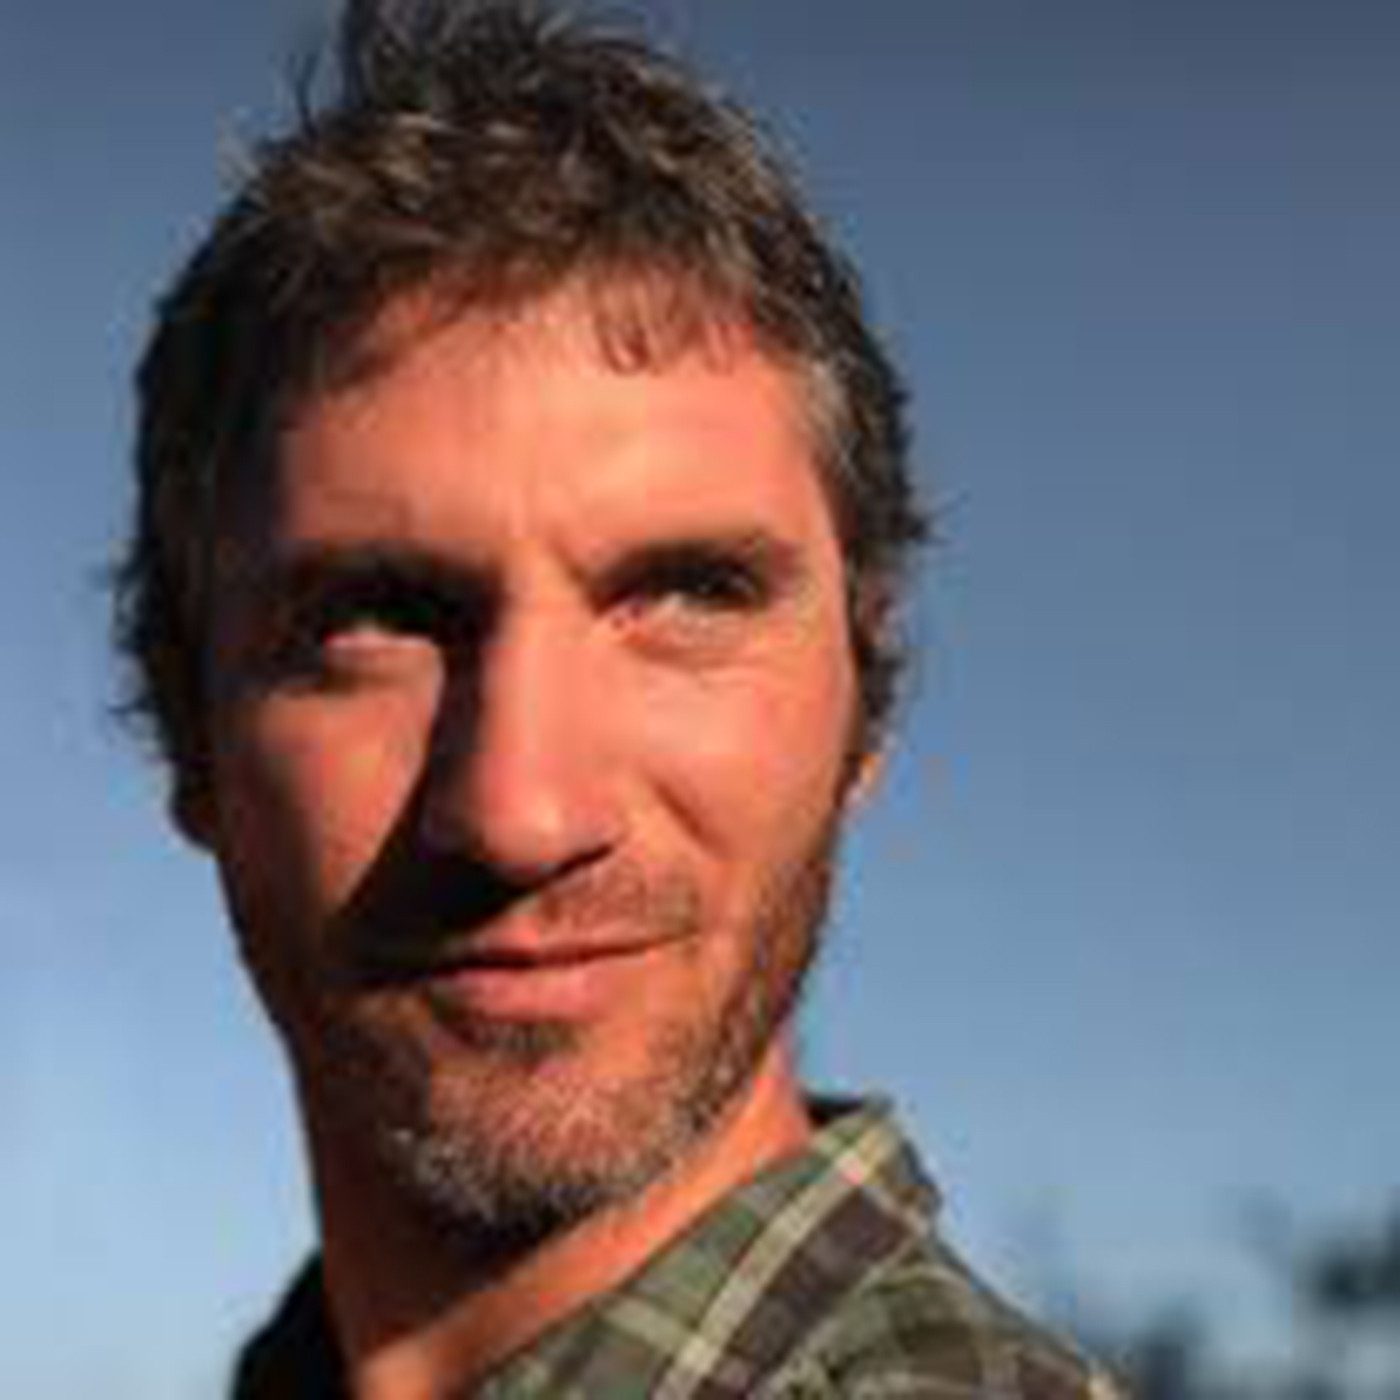 Matthieu Paley, le photographe des peuples oubliés